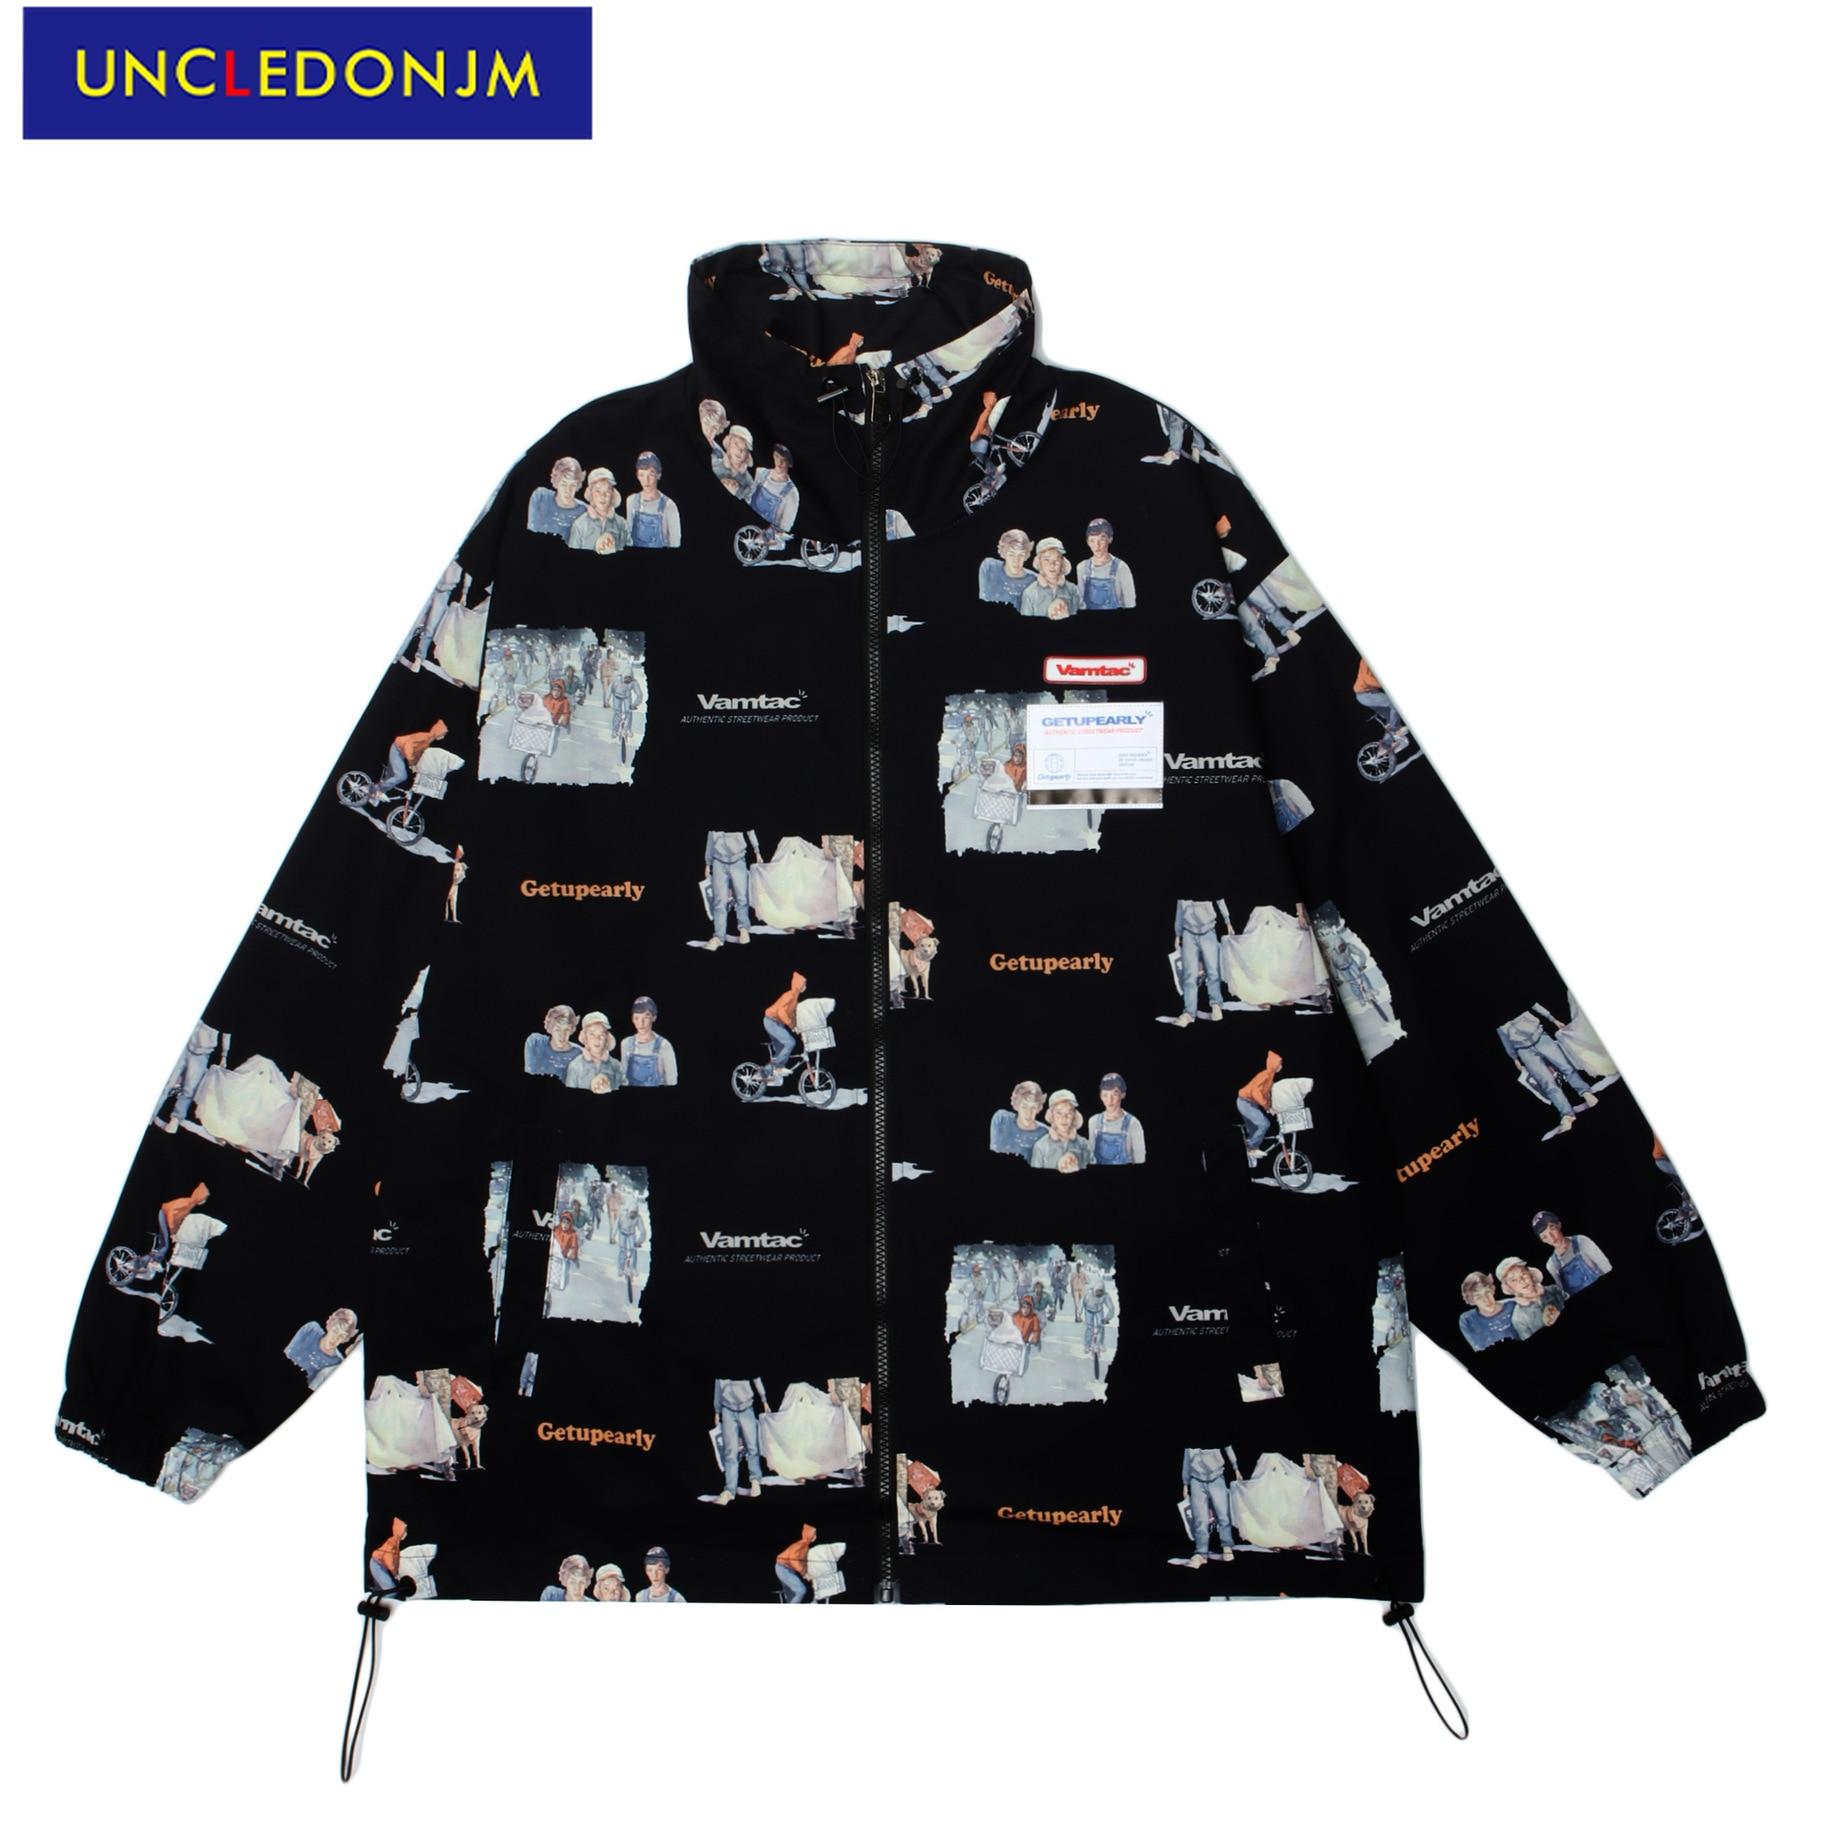 UNCLEDONJM мужская одежда ветровка мужская Корейская куртка Мужская модная одежда трендовая уличная одежда куртки для мужчин W650